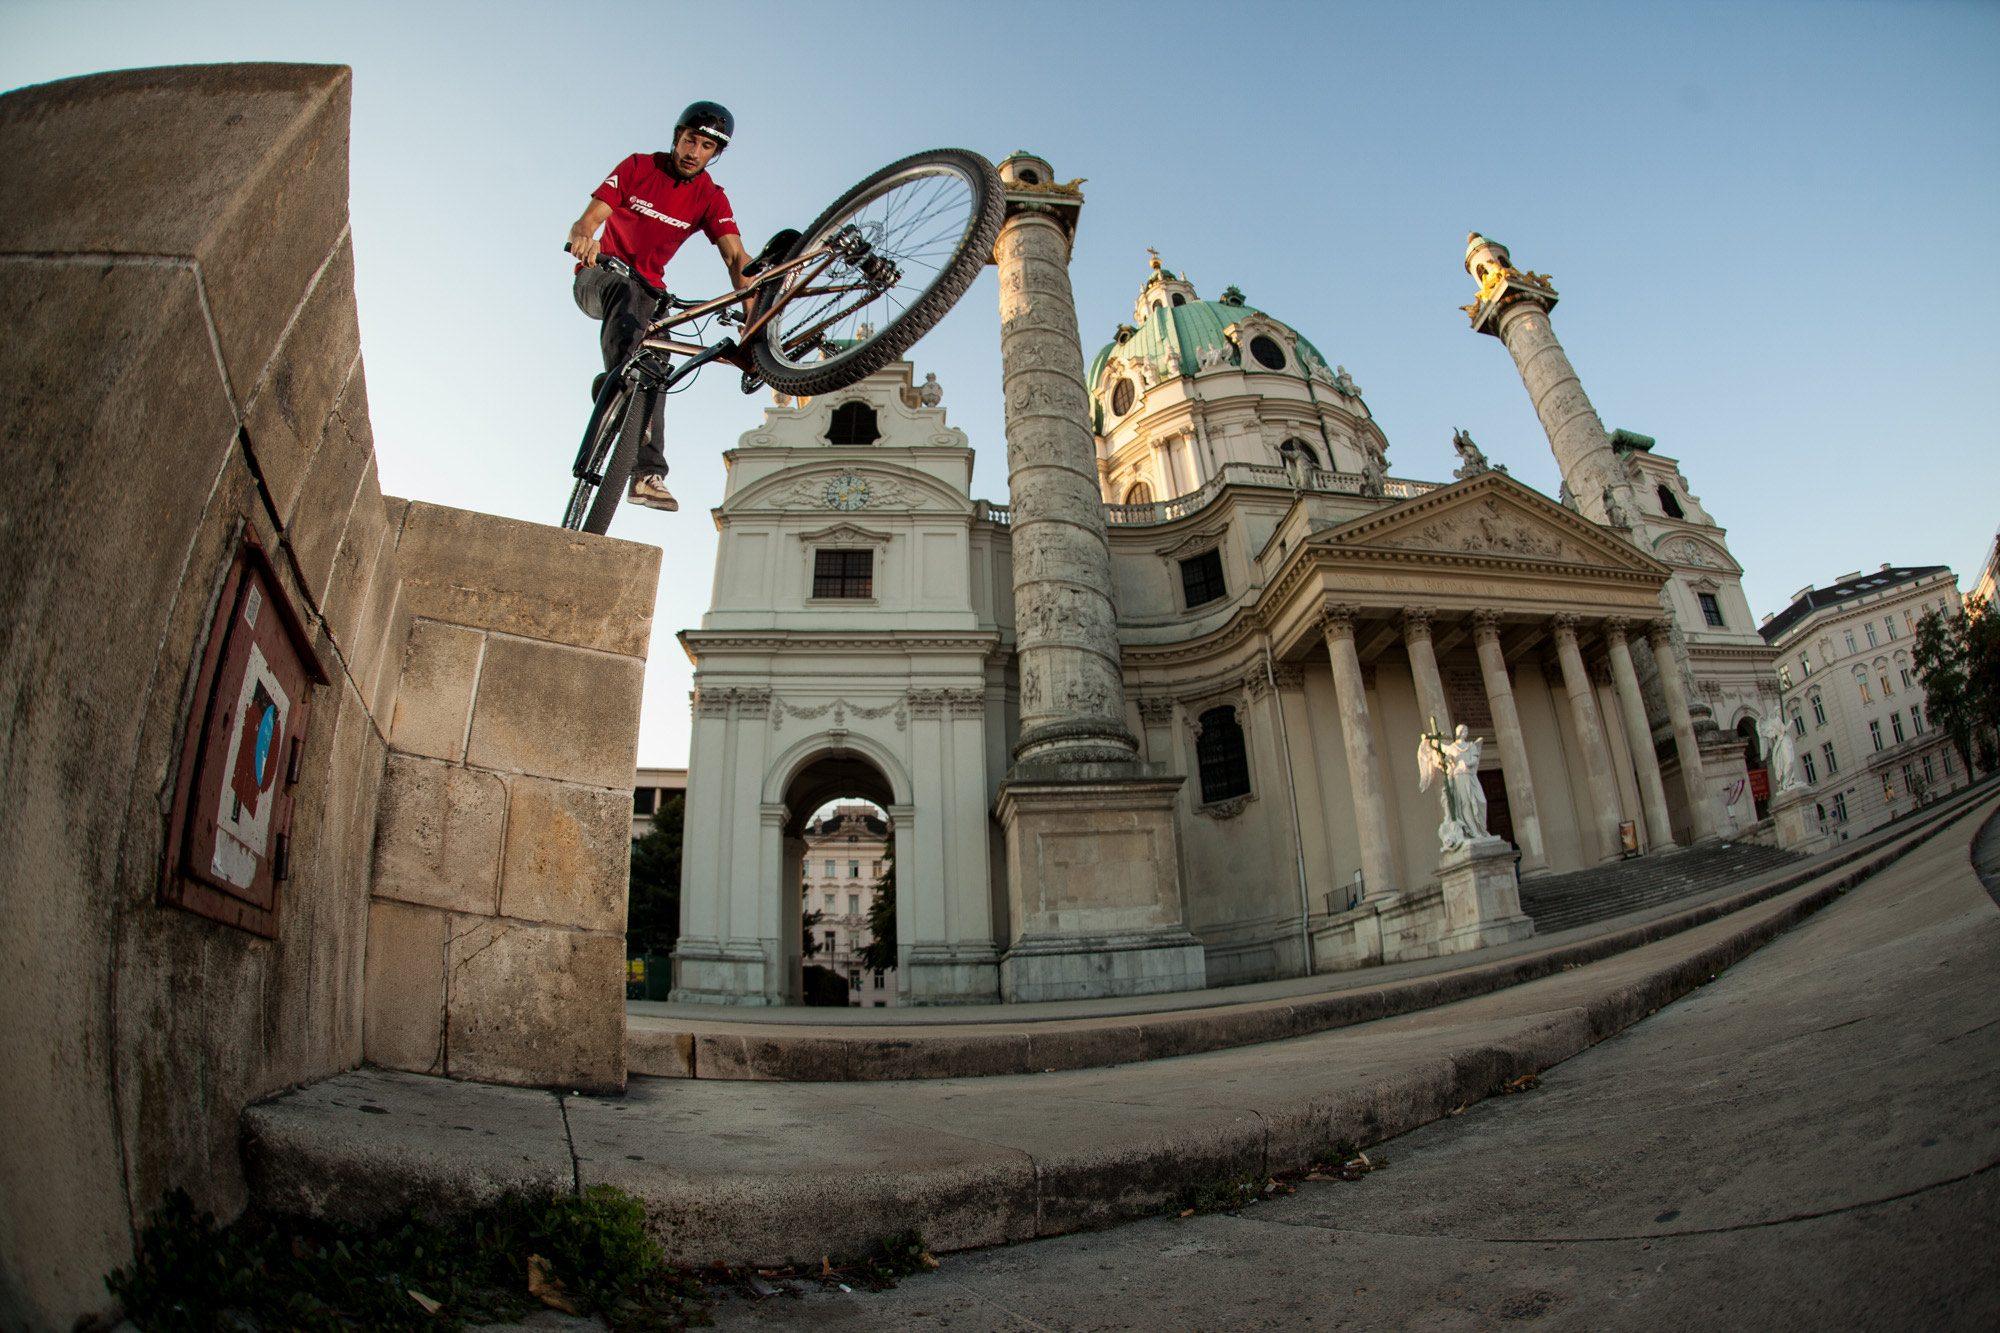 Dominik Raab bei einem Fotoprojekt in Wien